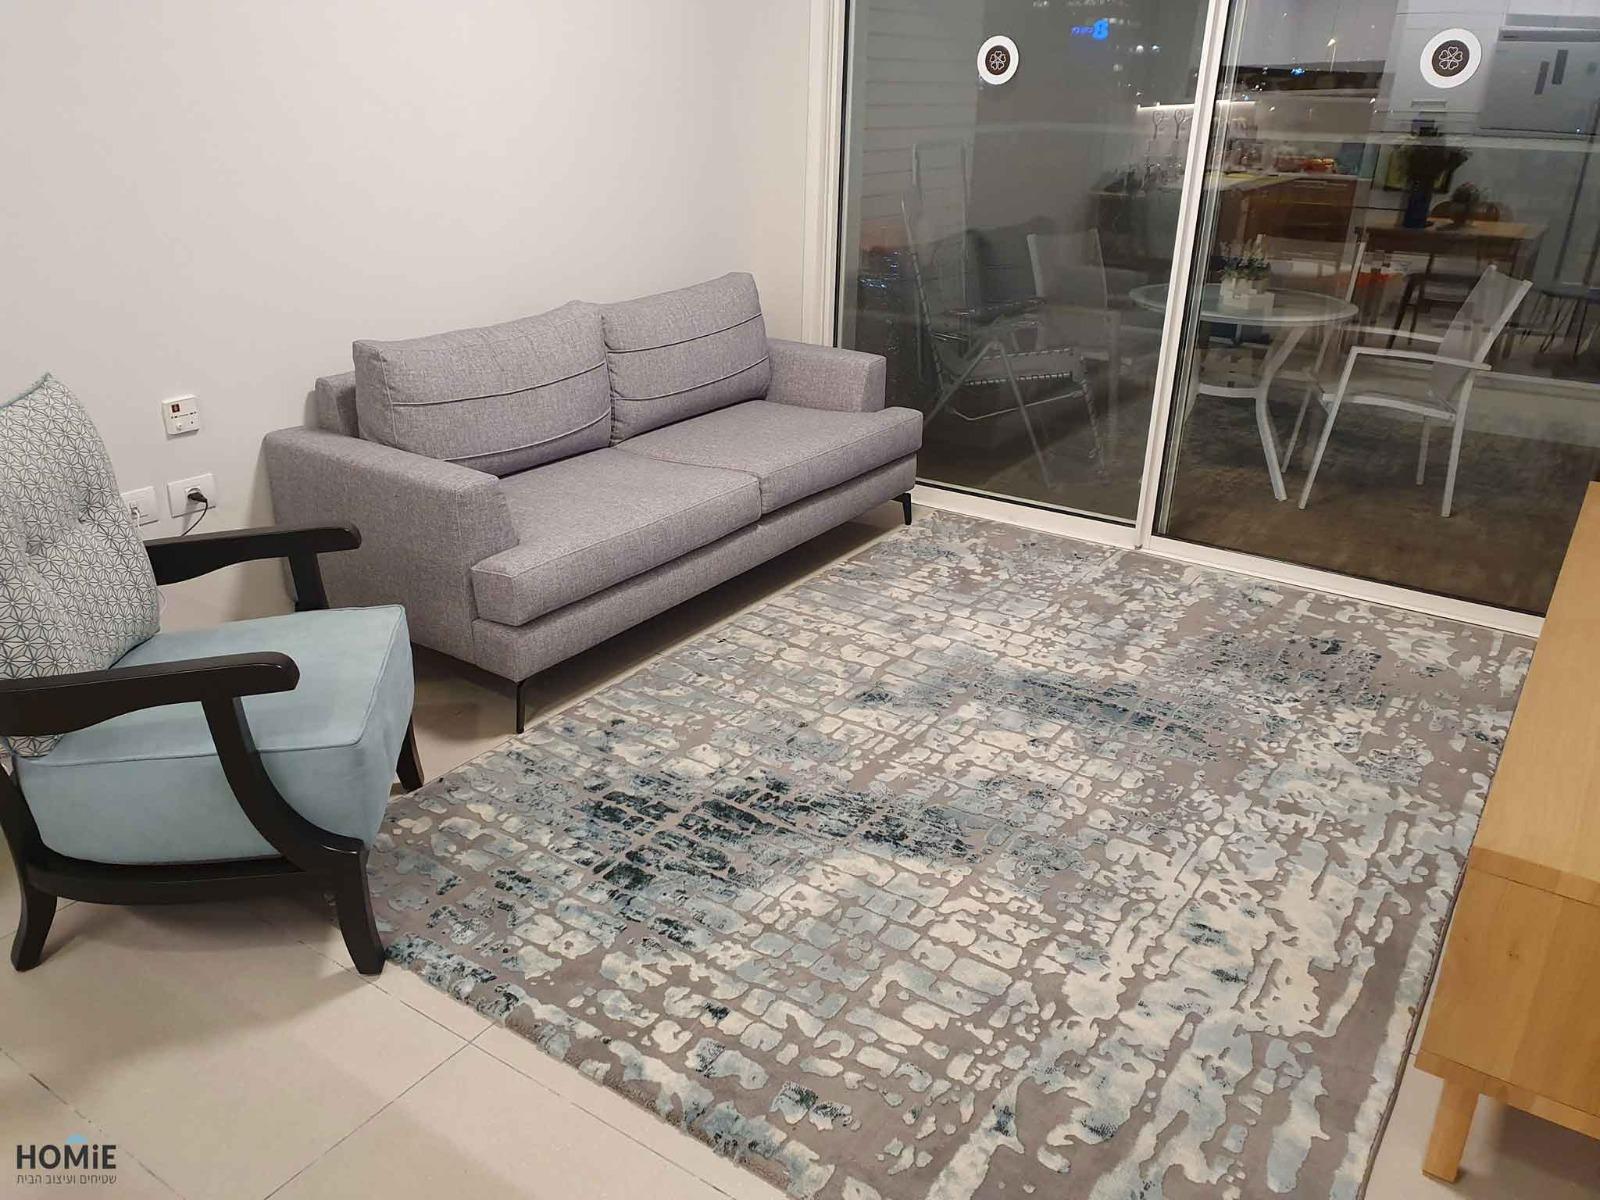 שטיח לסלון טורקיז אבסטרקטי